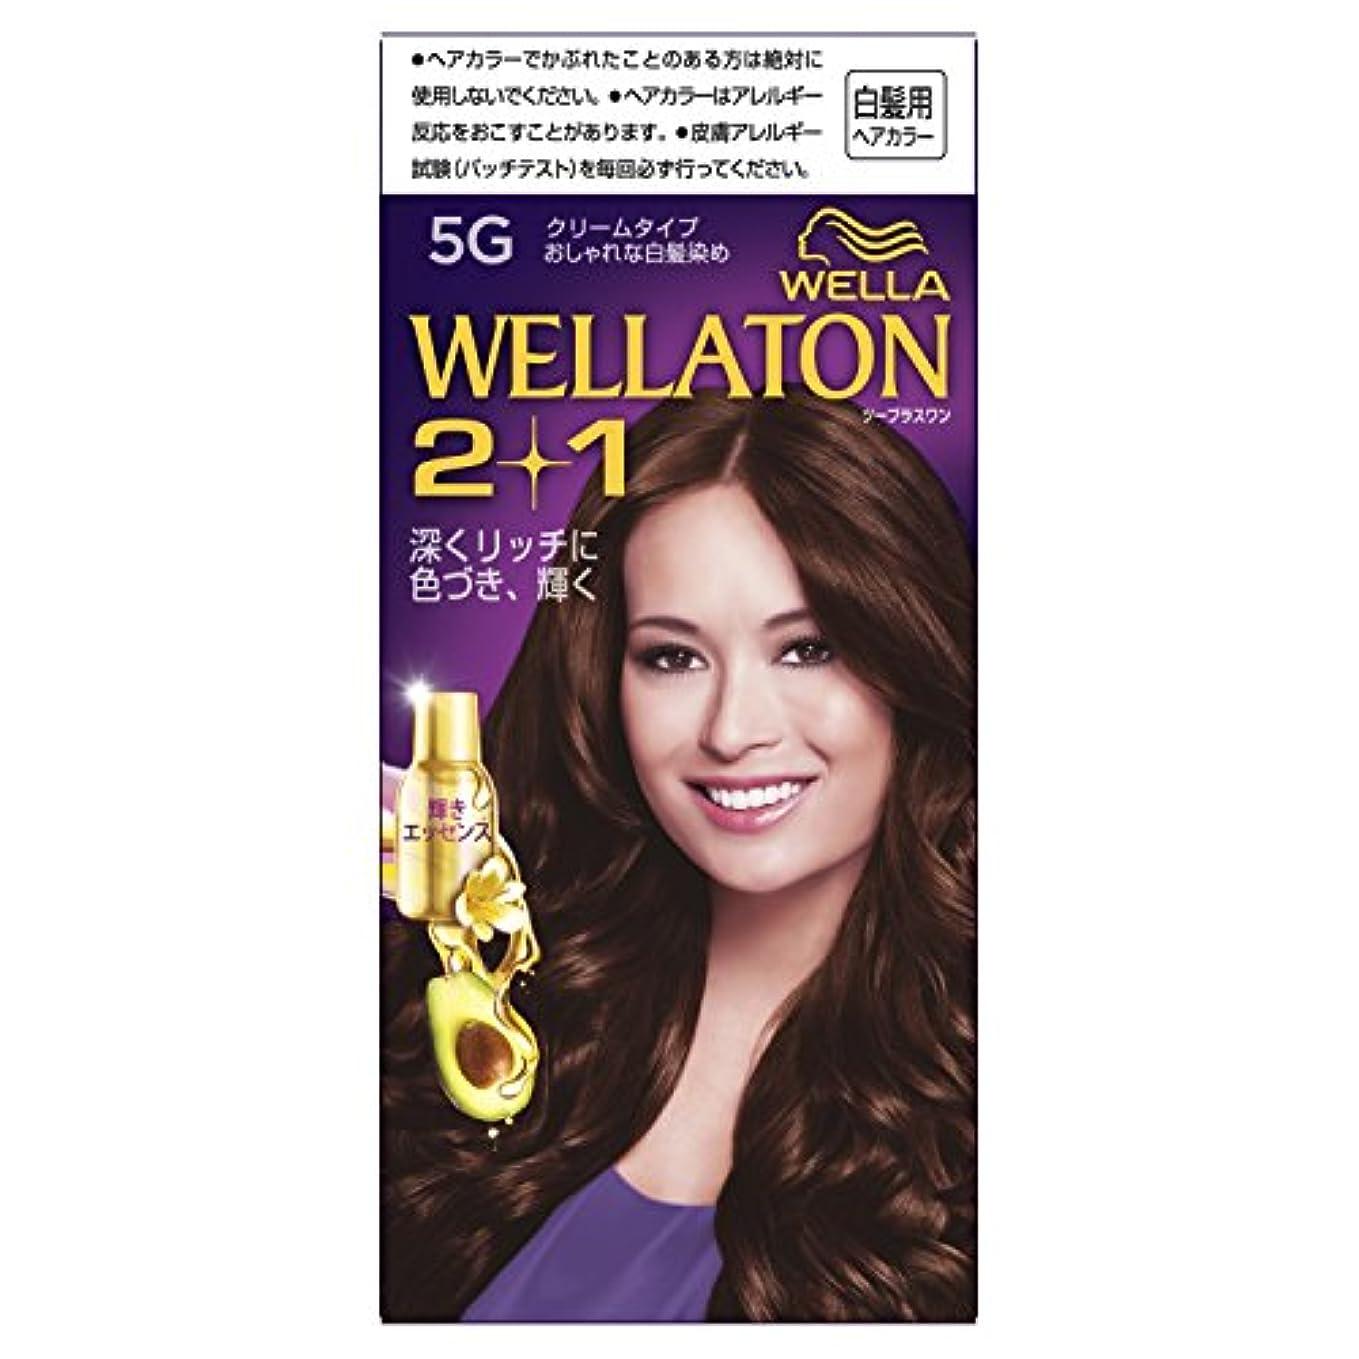 疑い者趣味防水ウエラトーン2+1 クリームタイプ 5G [医薬部外品](おしゃれな白髪染め)